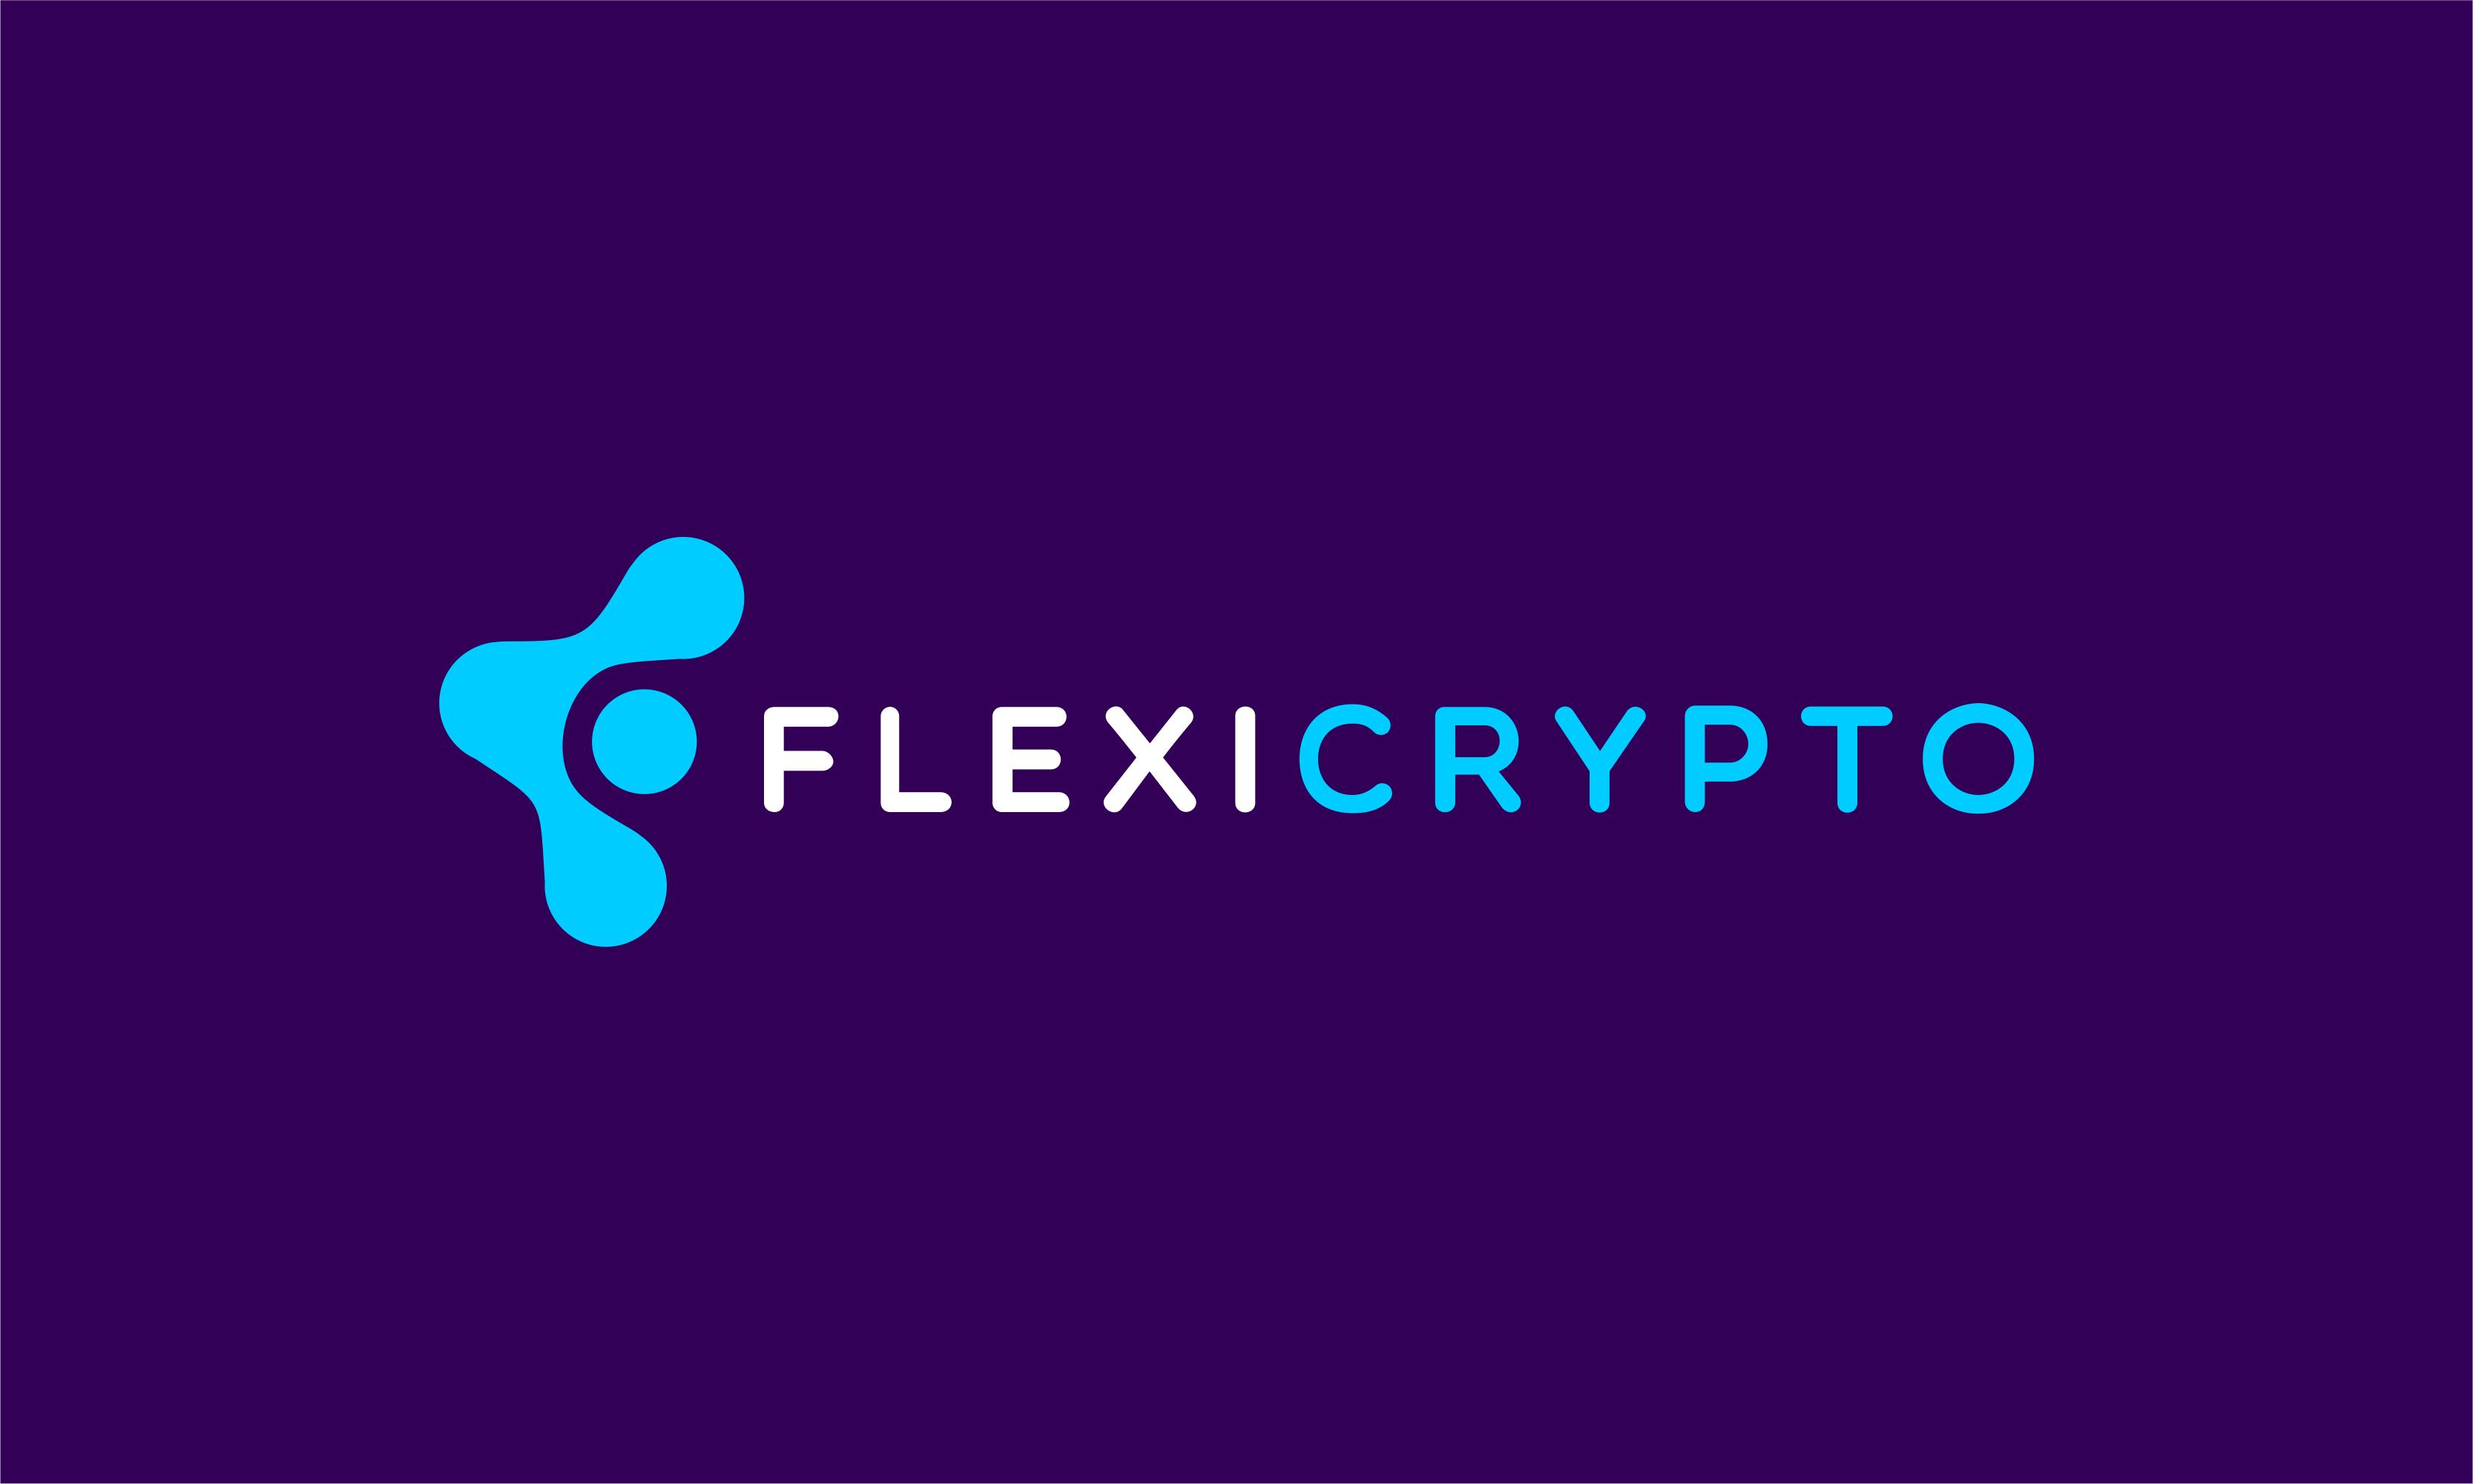 Flexicrypto